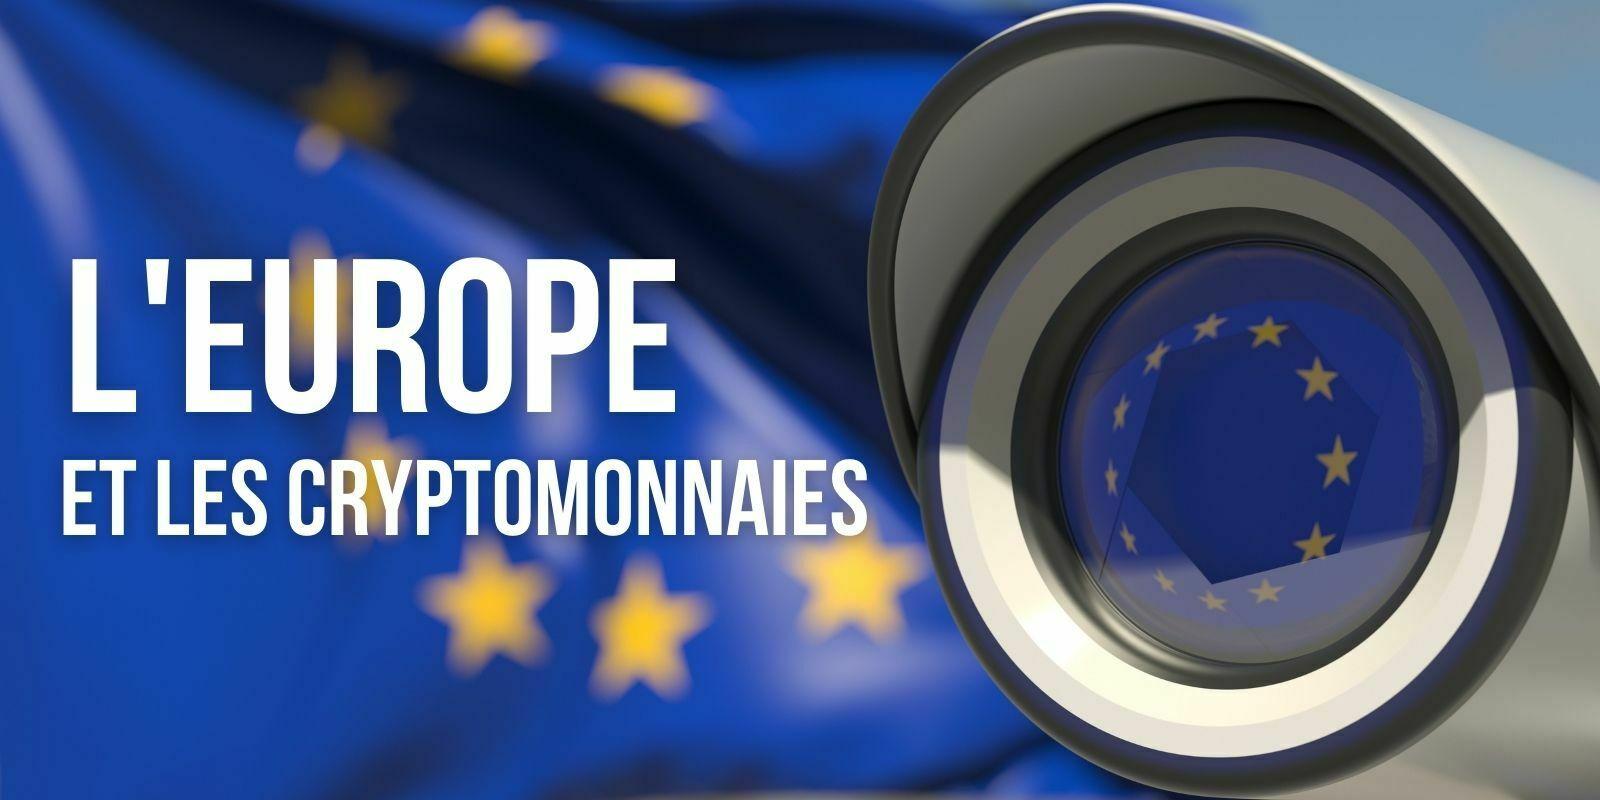 Union européenne: une nouvelle agence pour surveiller davantage les cryptomonnaies?